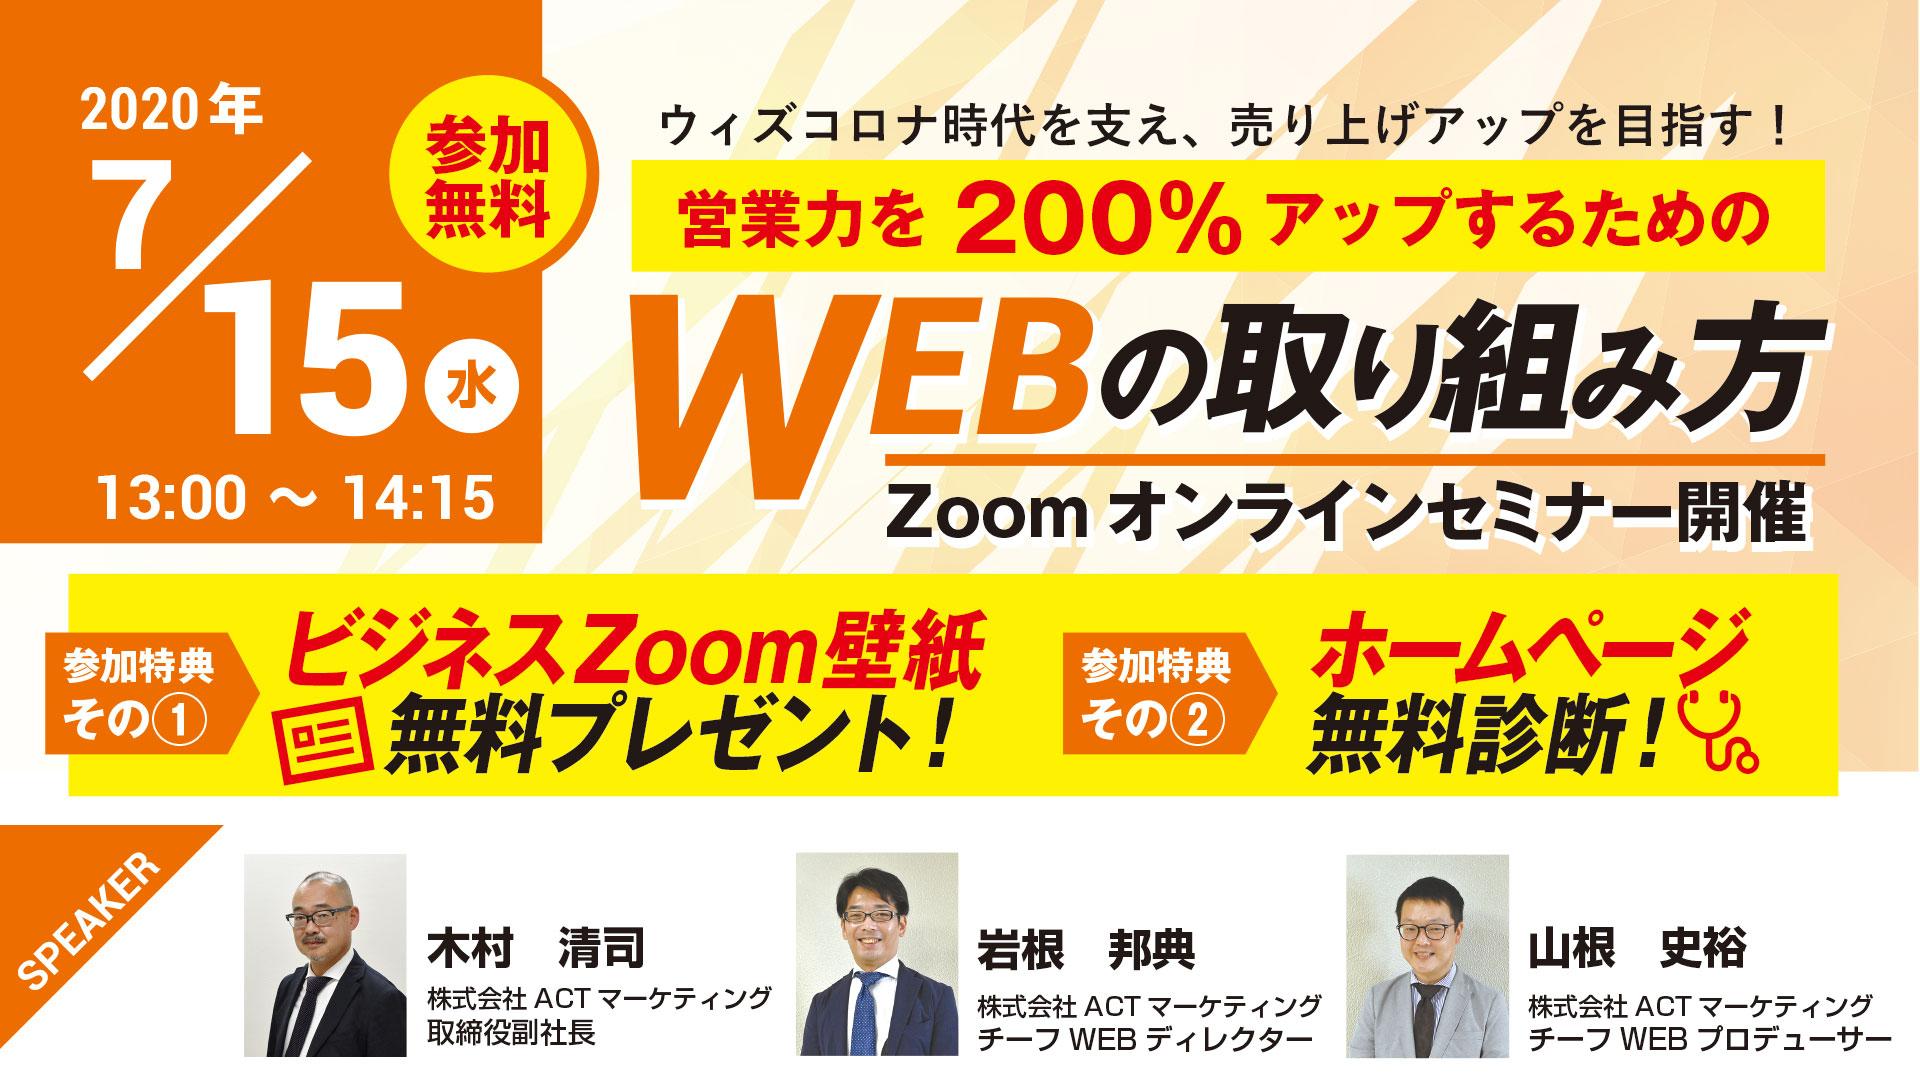 営業力を200%アップするための「WEBの取り組み方」Zoomオンラインセミナー